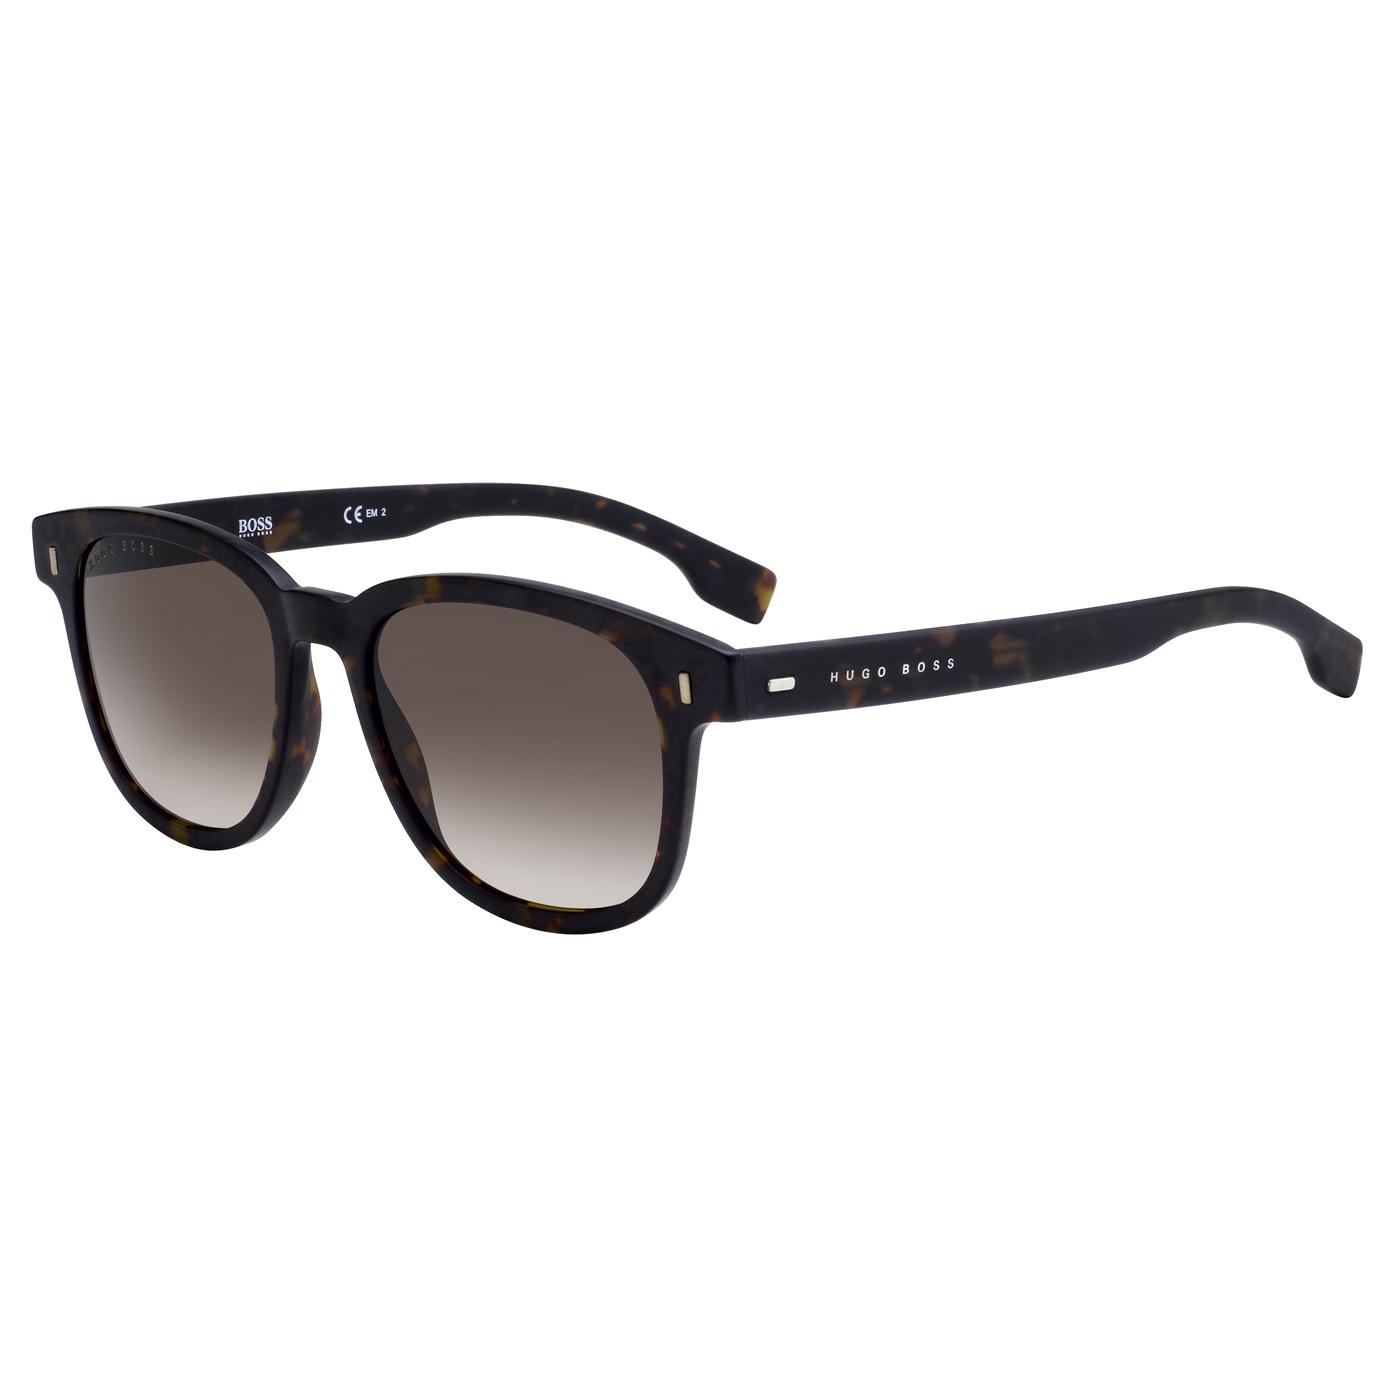 Bilde av Boss Dark Havana Sunglasses BOSS 0956S 086 51 HA